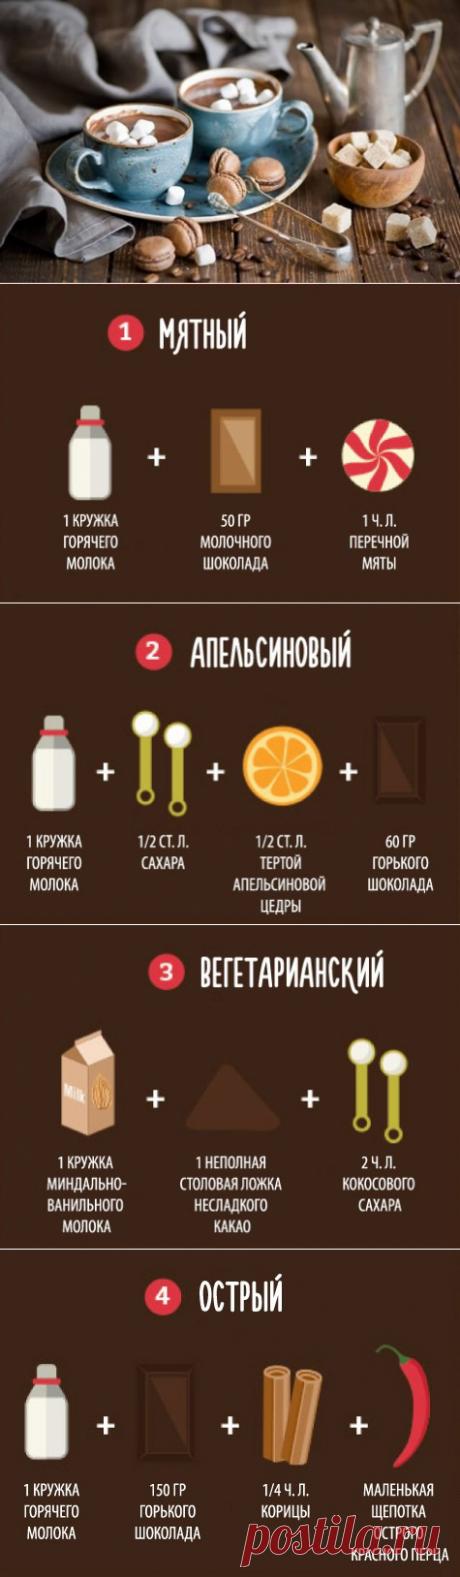 10 рецептов горячего шоколада в картинках — Бабушкины секреты